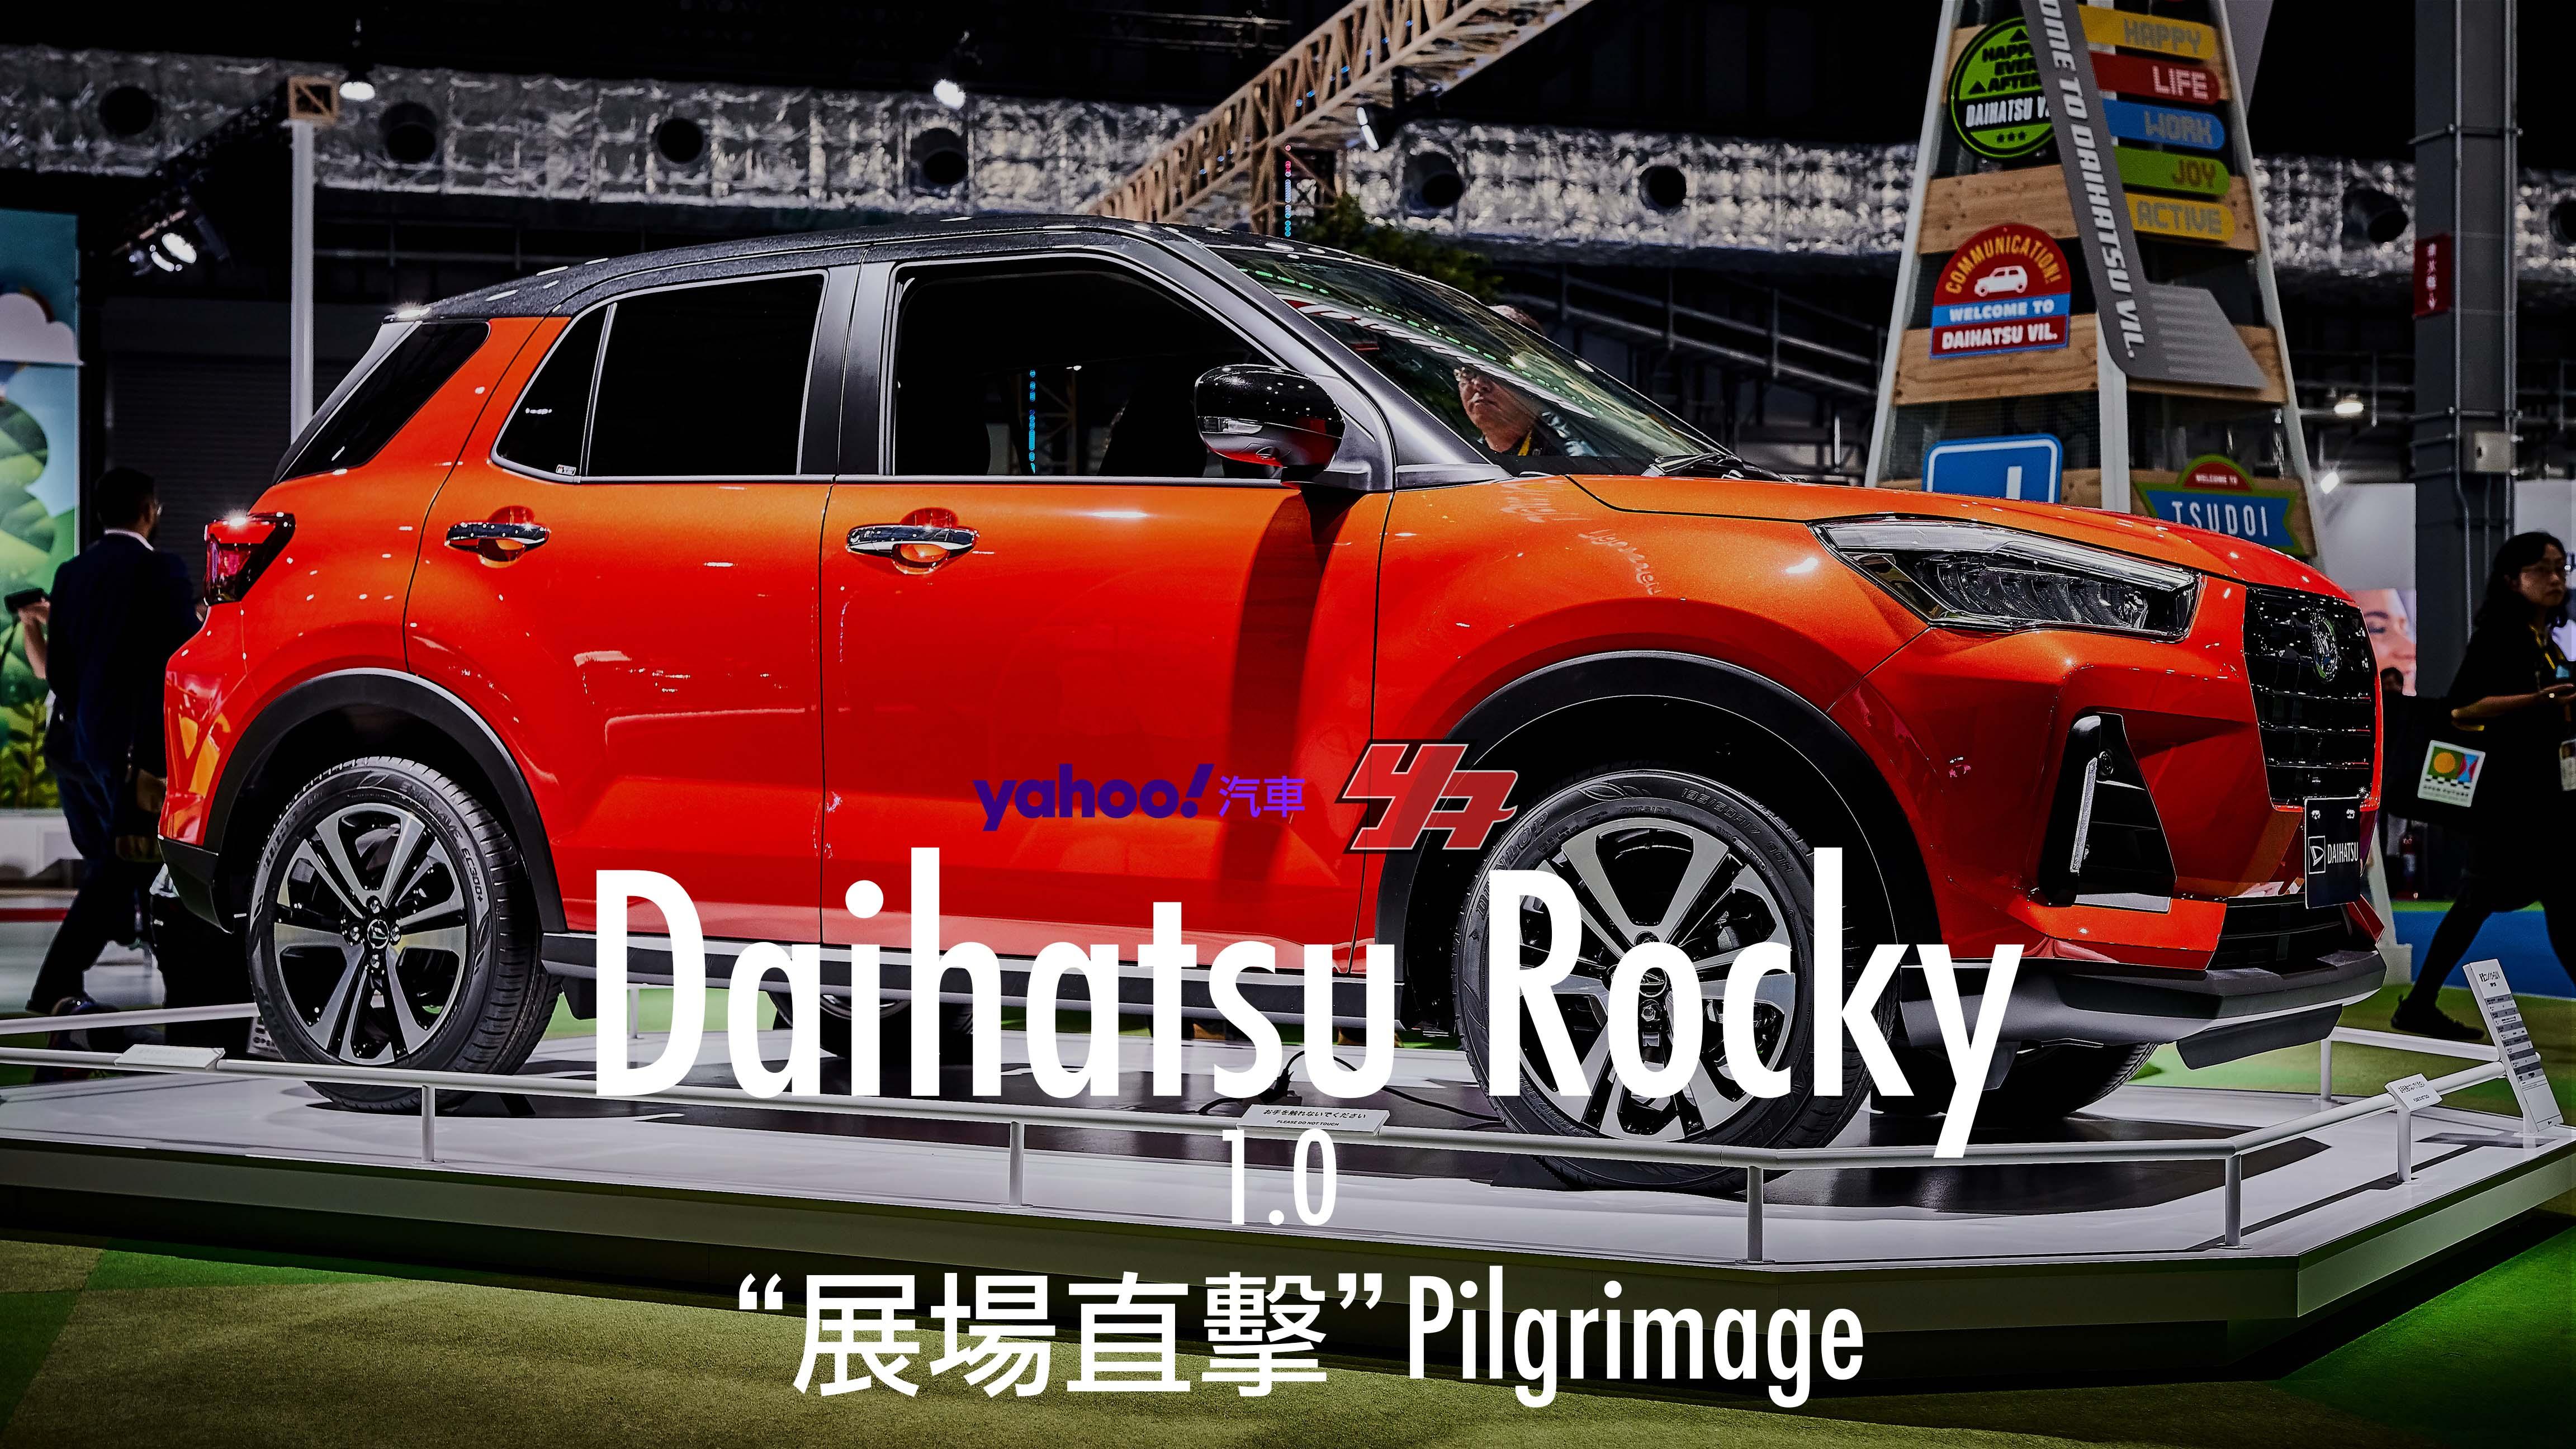 【東京車展直擊】到底是不是叫Rocky?可能冠上牛頭牌的2020 Daihatsu跨界量產新秀暱名現身!